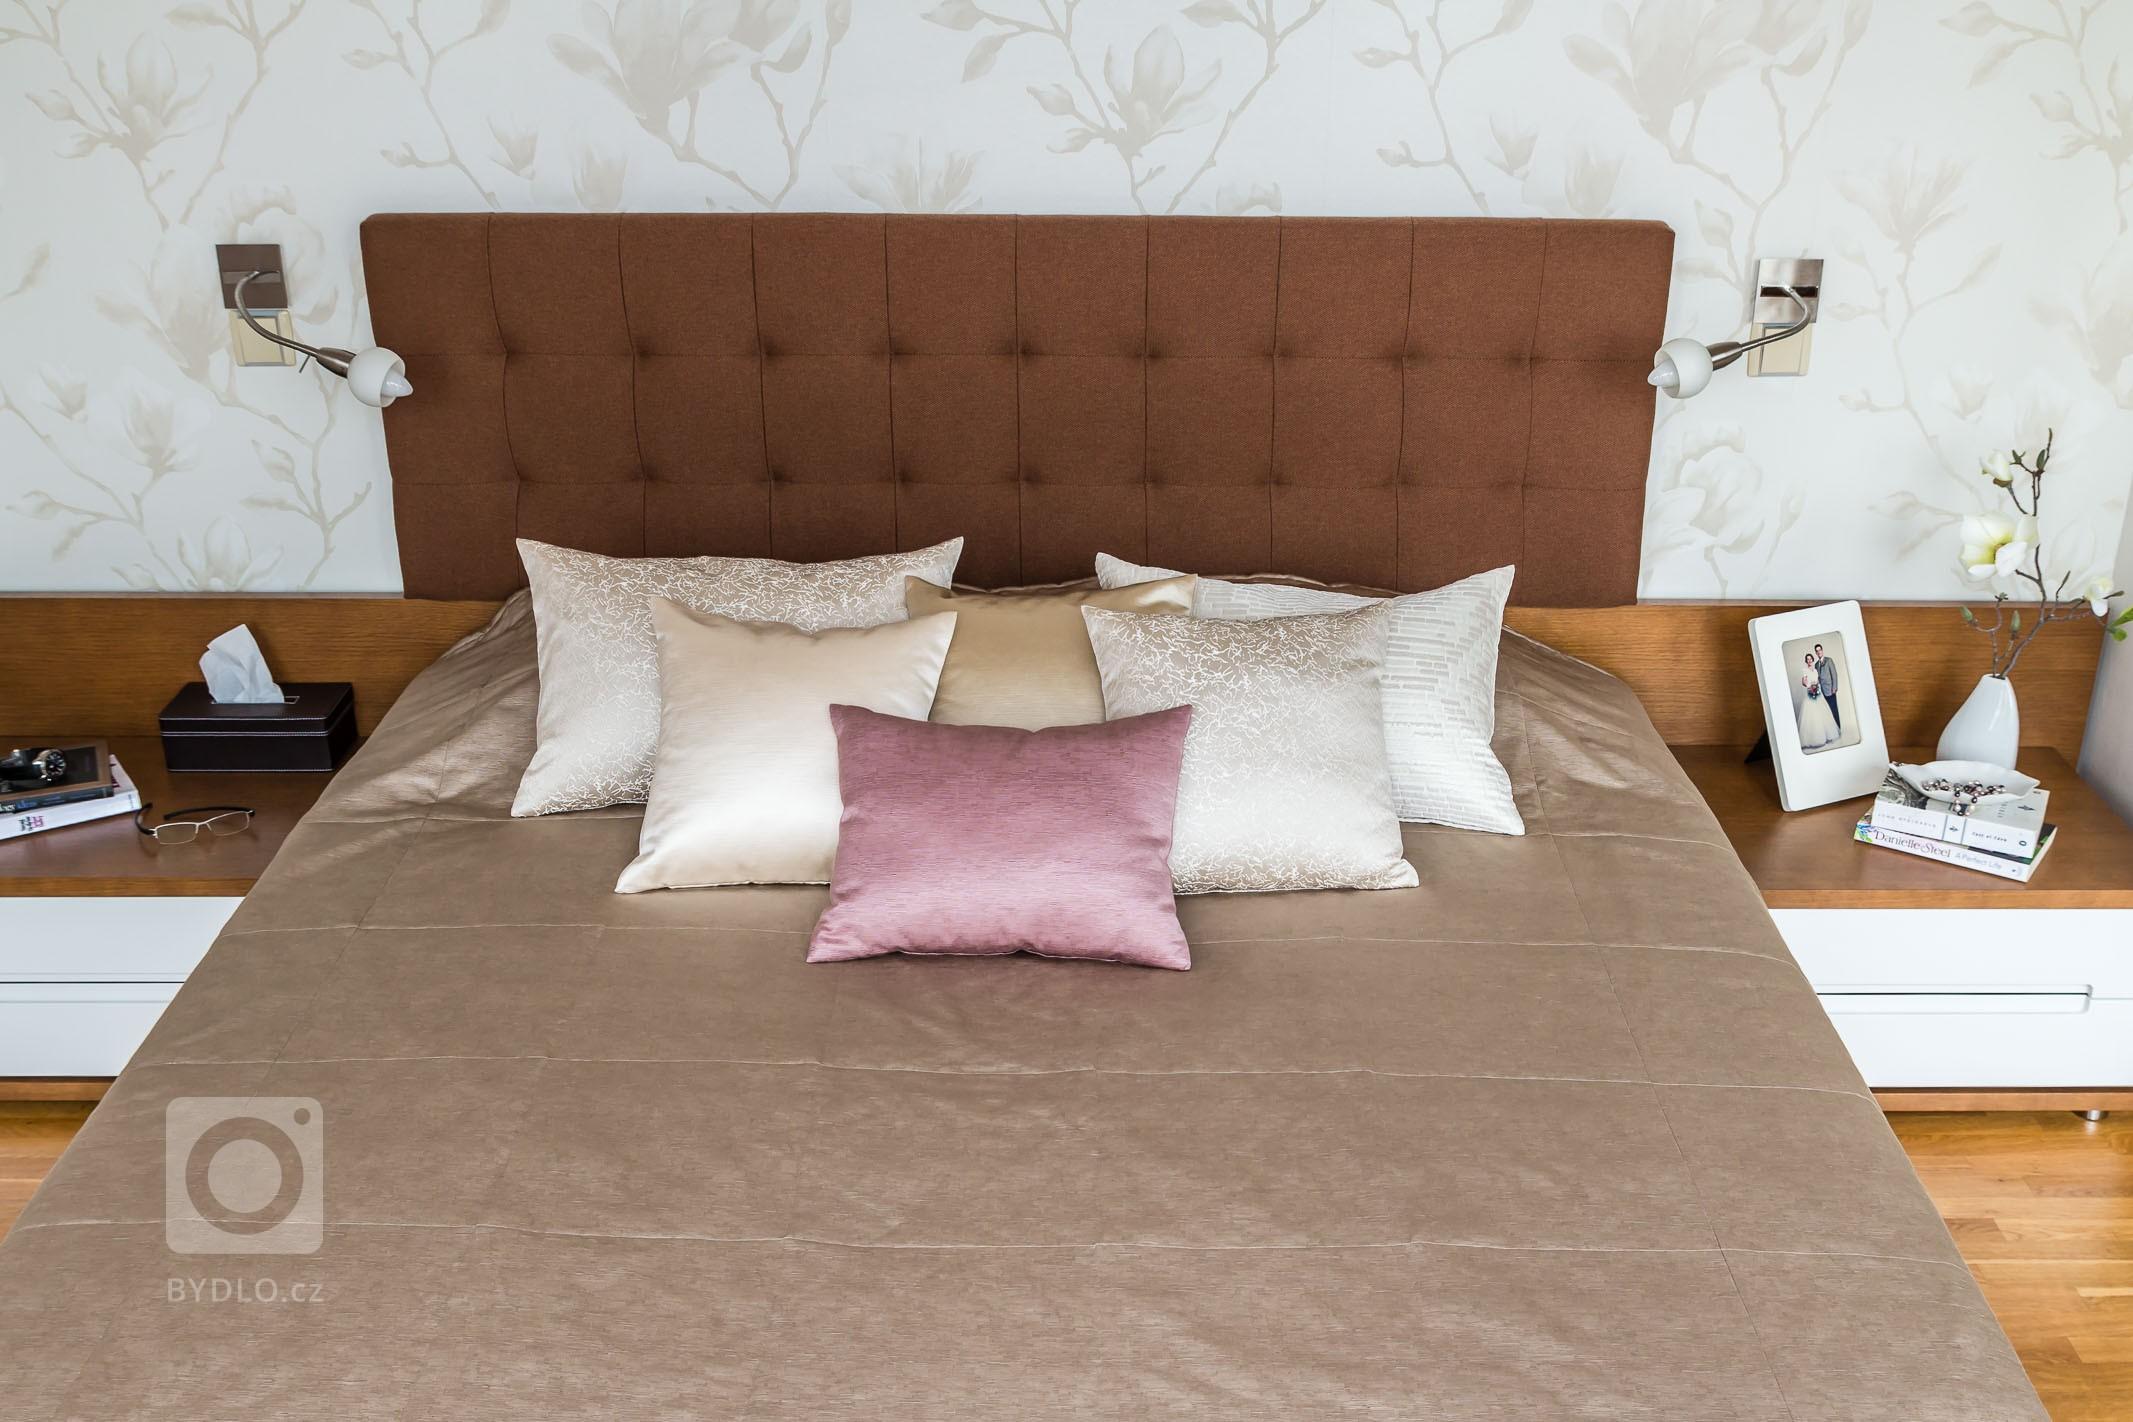 Jako inspirace pro tuto ložnici posloužil obraz magnolie, který si majitelka přála do ložnice zakomponovat. Díky němu jsme zvolili nádhernou romantickou tapetu…